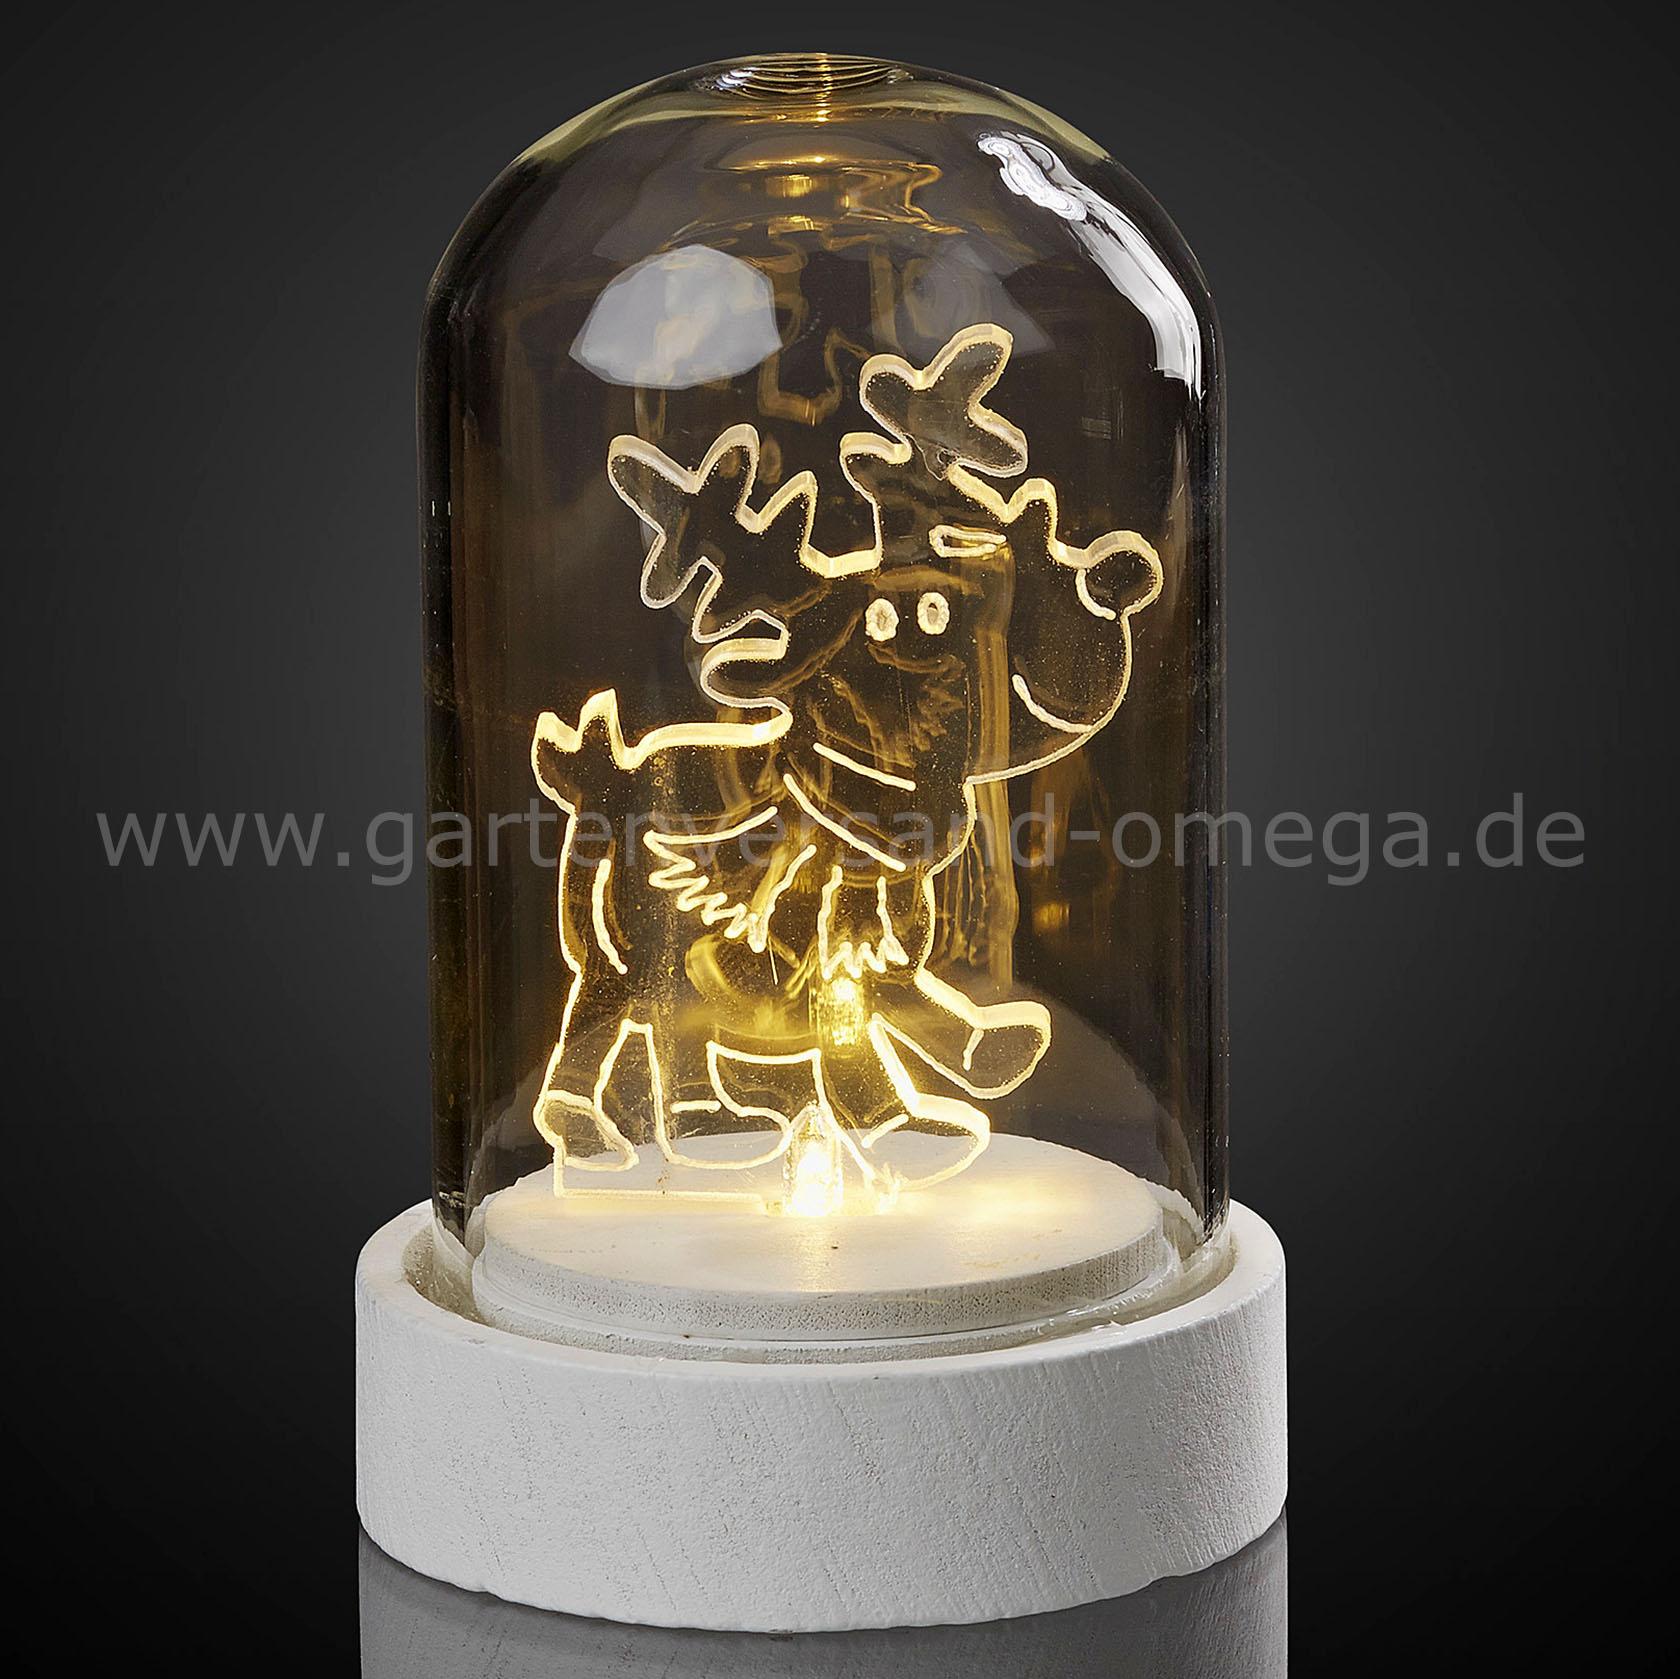 Led glasglocke mit acryl rentier kleine batteriebetriebe beleuchtete weihnachtsdekoration f r - Fensterbeleuchtung innen ...